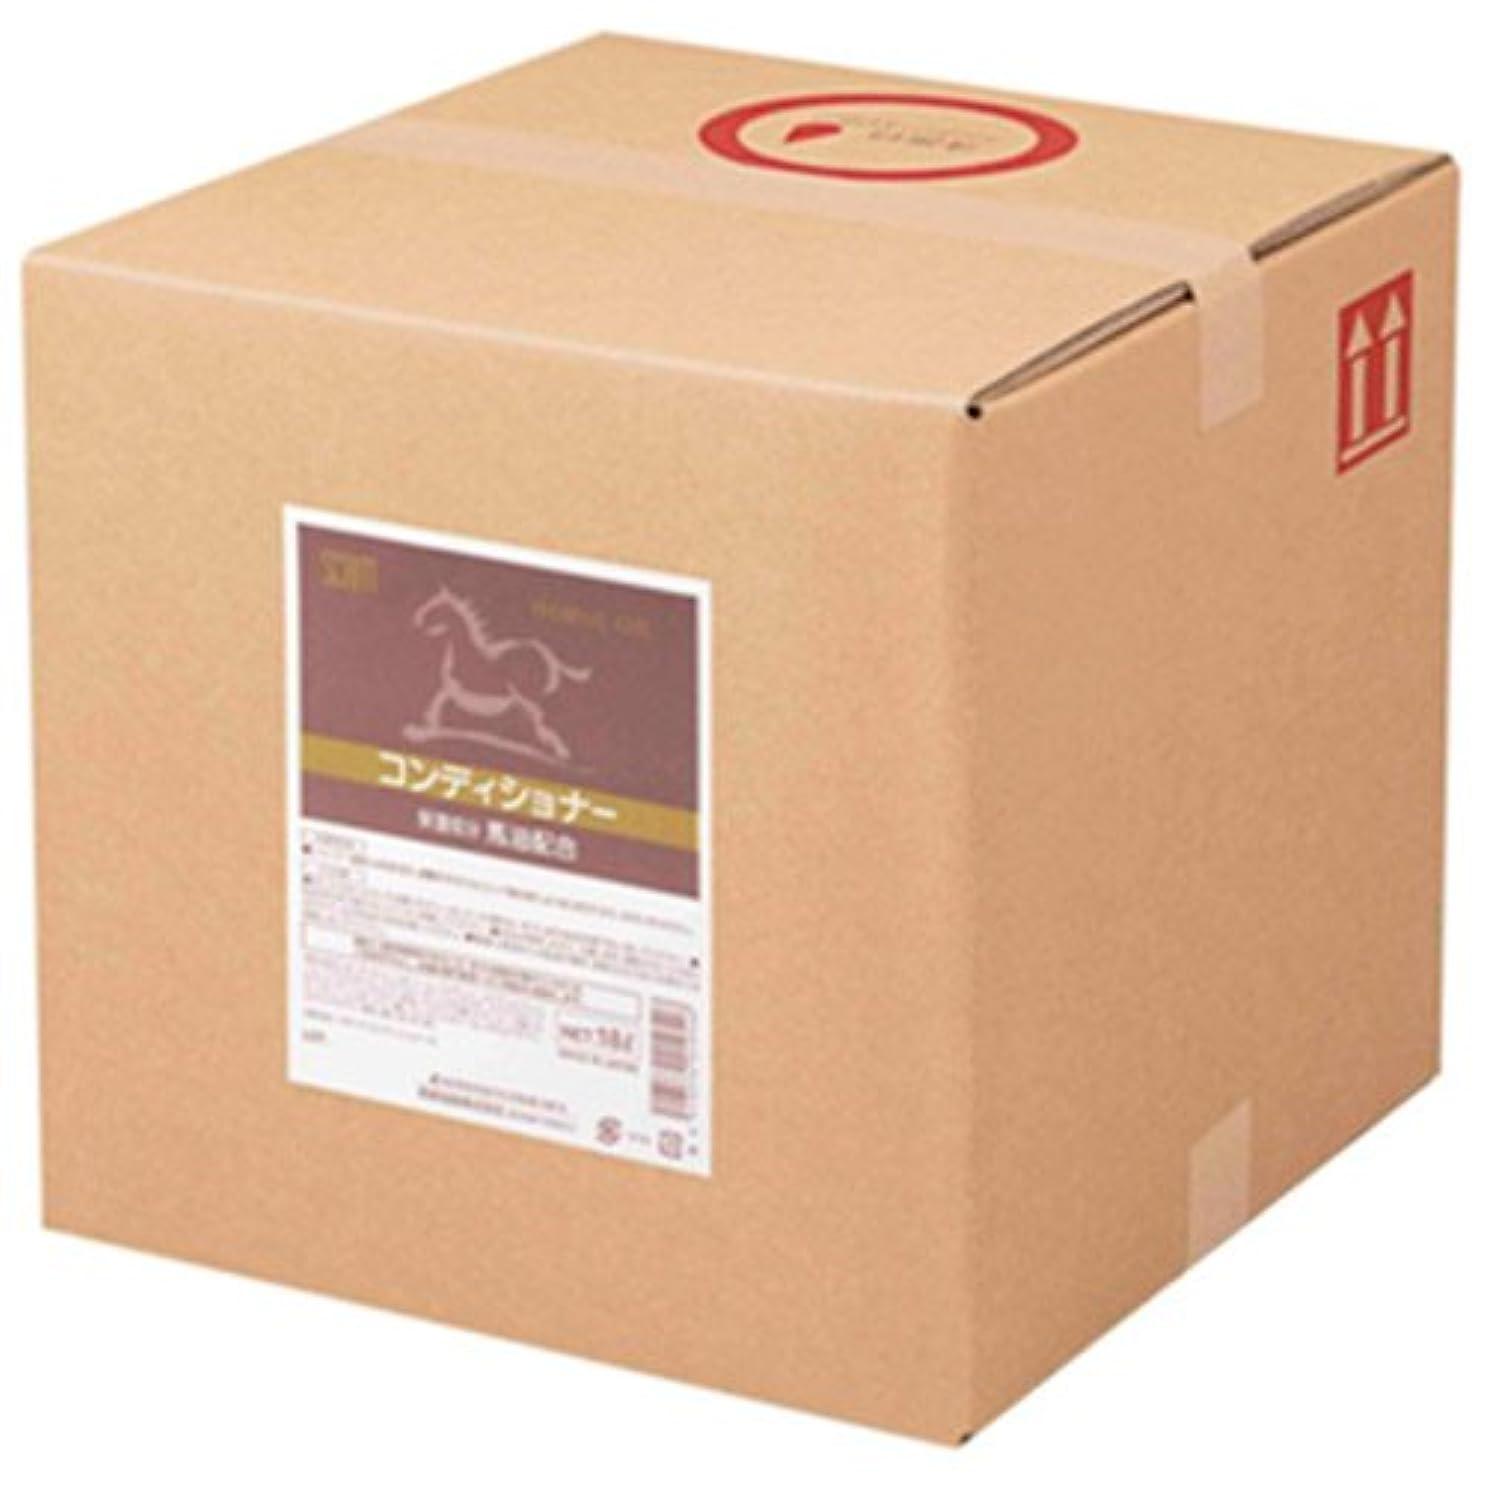 凶暴なアンタゴニストソース熊野油脂 業務用 SCRITT(スクリット) 馬油コンディショナー 18L